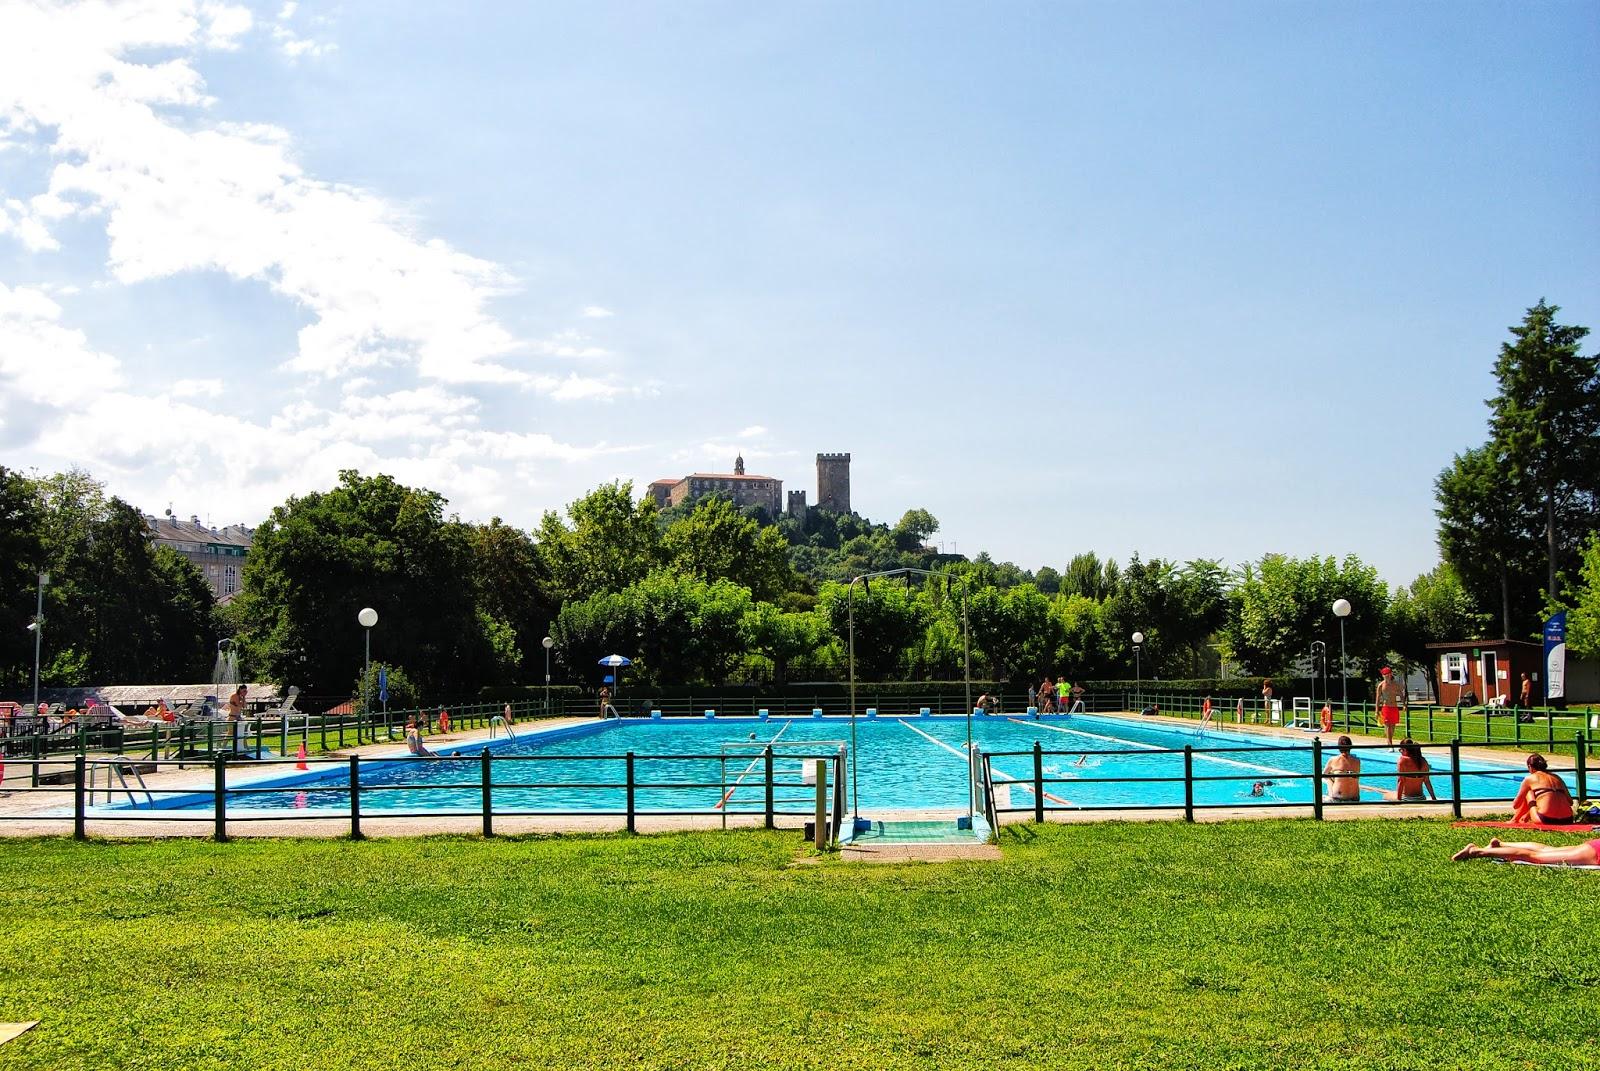 Club fluvial monforte de lemos lugo for Piscina monforte de lemos